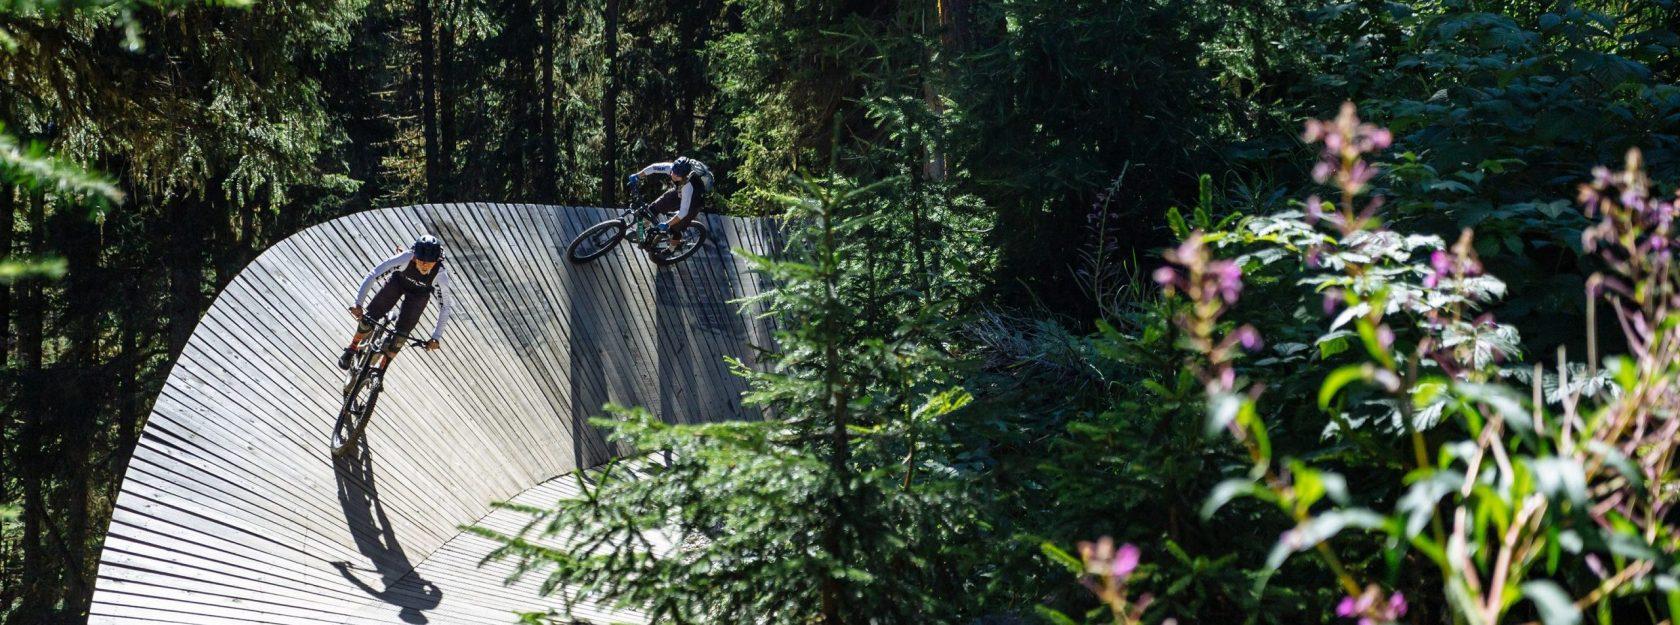 Mountainbike Tour for advanced